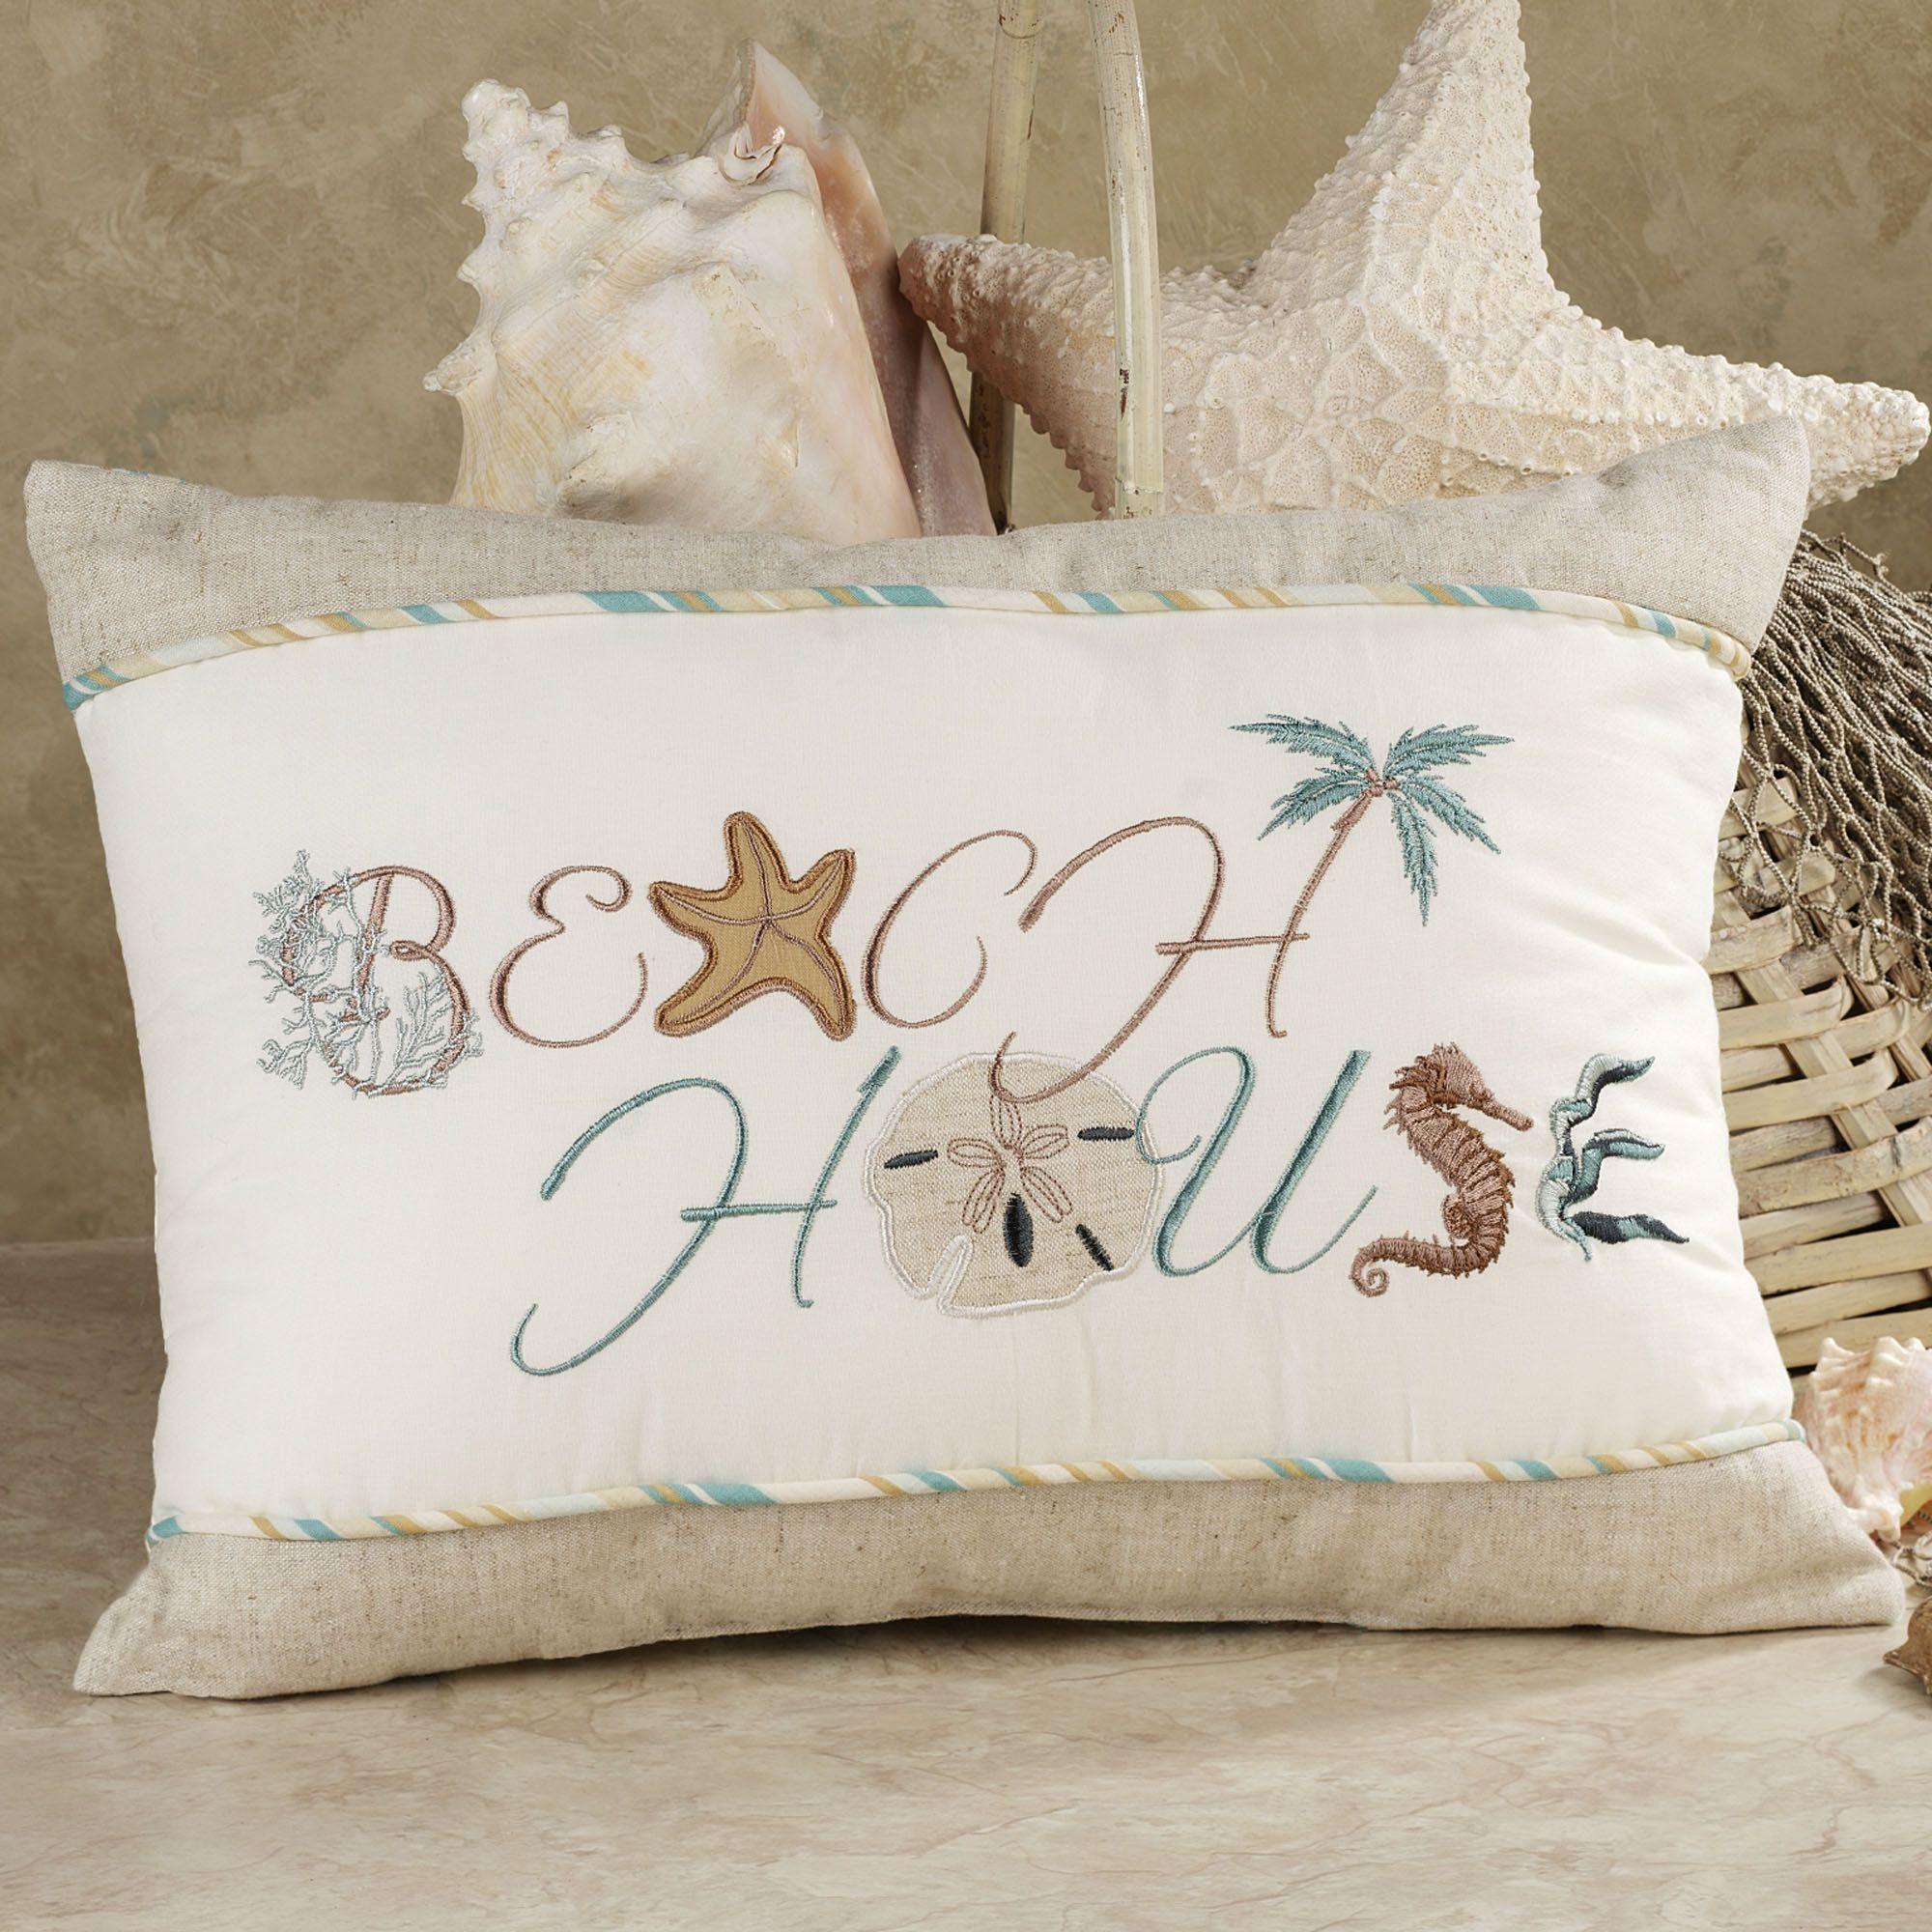 Beach Themed Pillows Decorative | Home Beach House Tailored Pillow Aqua Blue #pillows #pillowsforhome #beautifulpillows